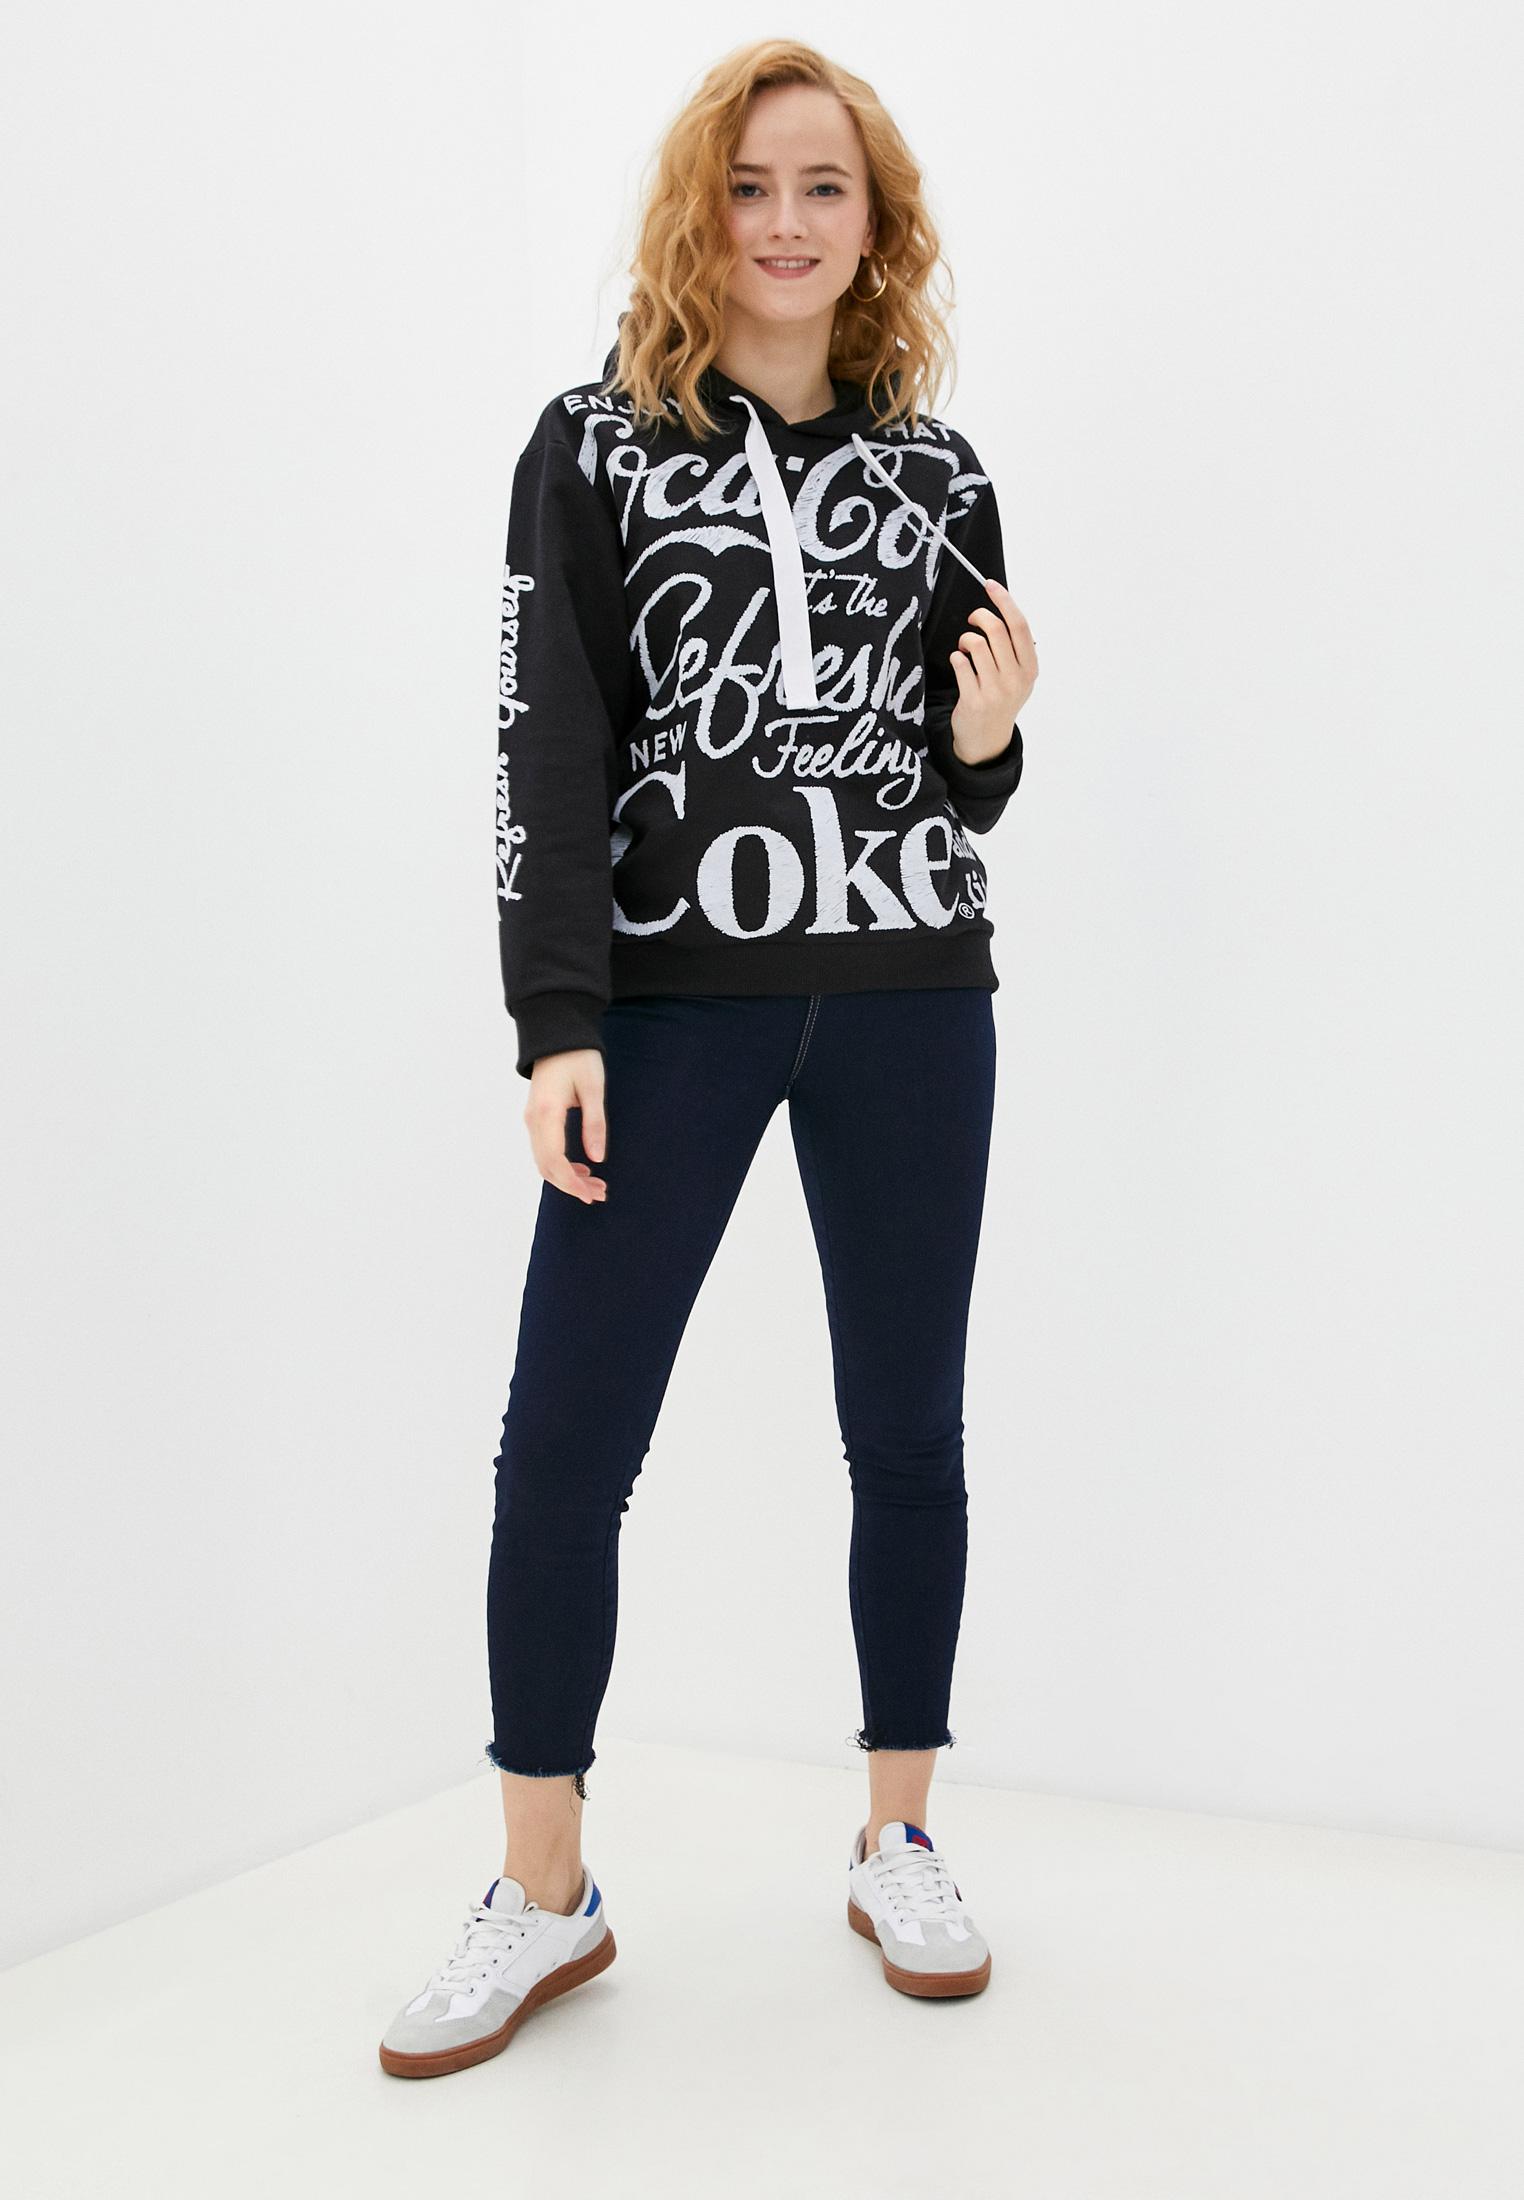 Зауженные джинсы Coca Cola Jeans 002.32.02969: изображение 2